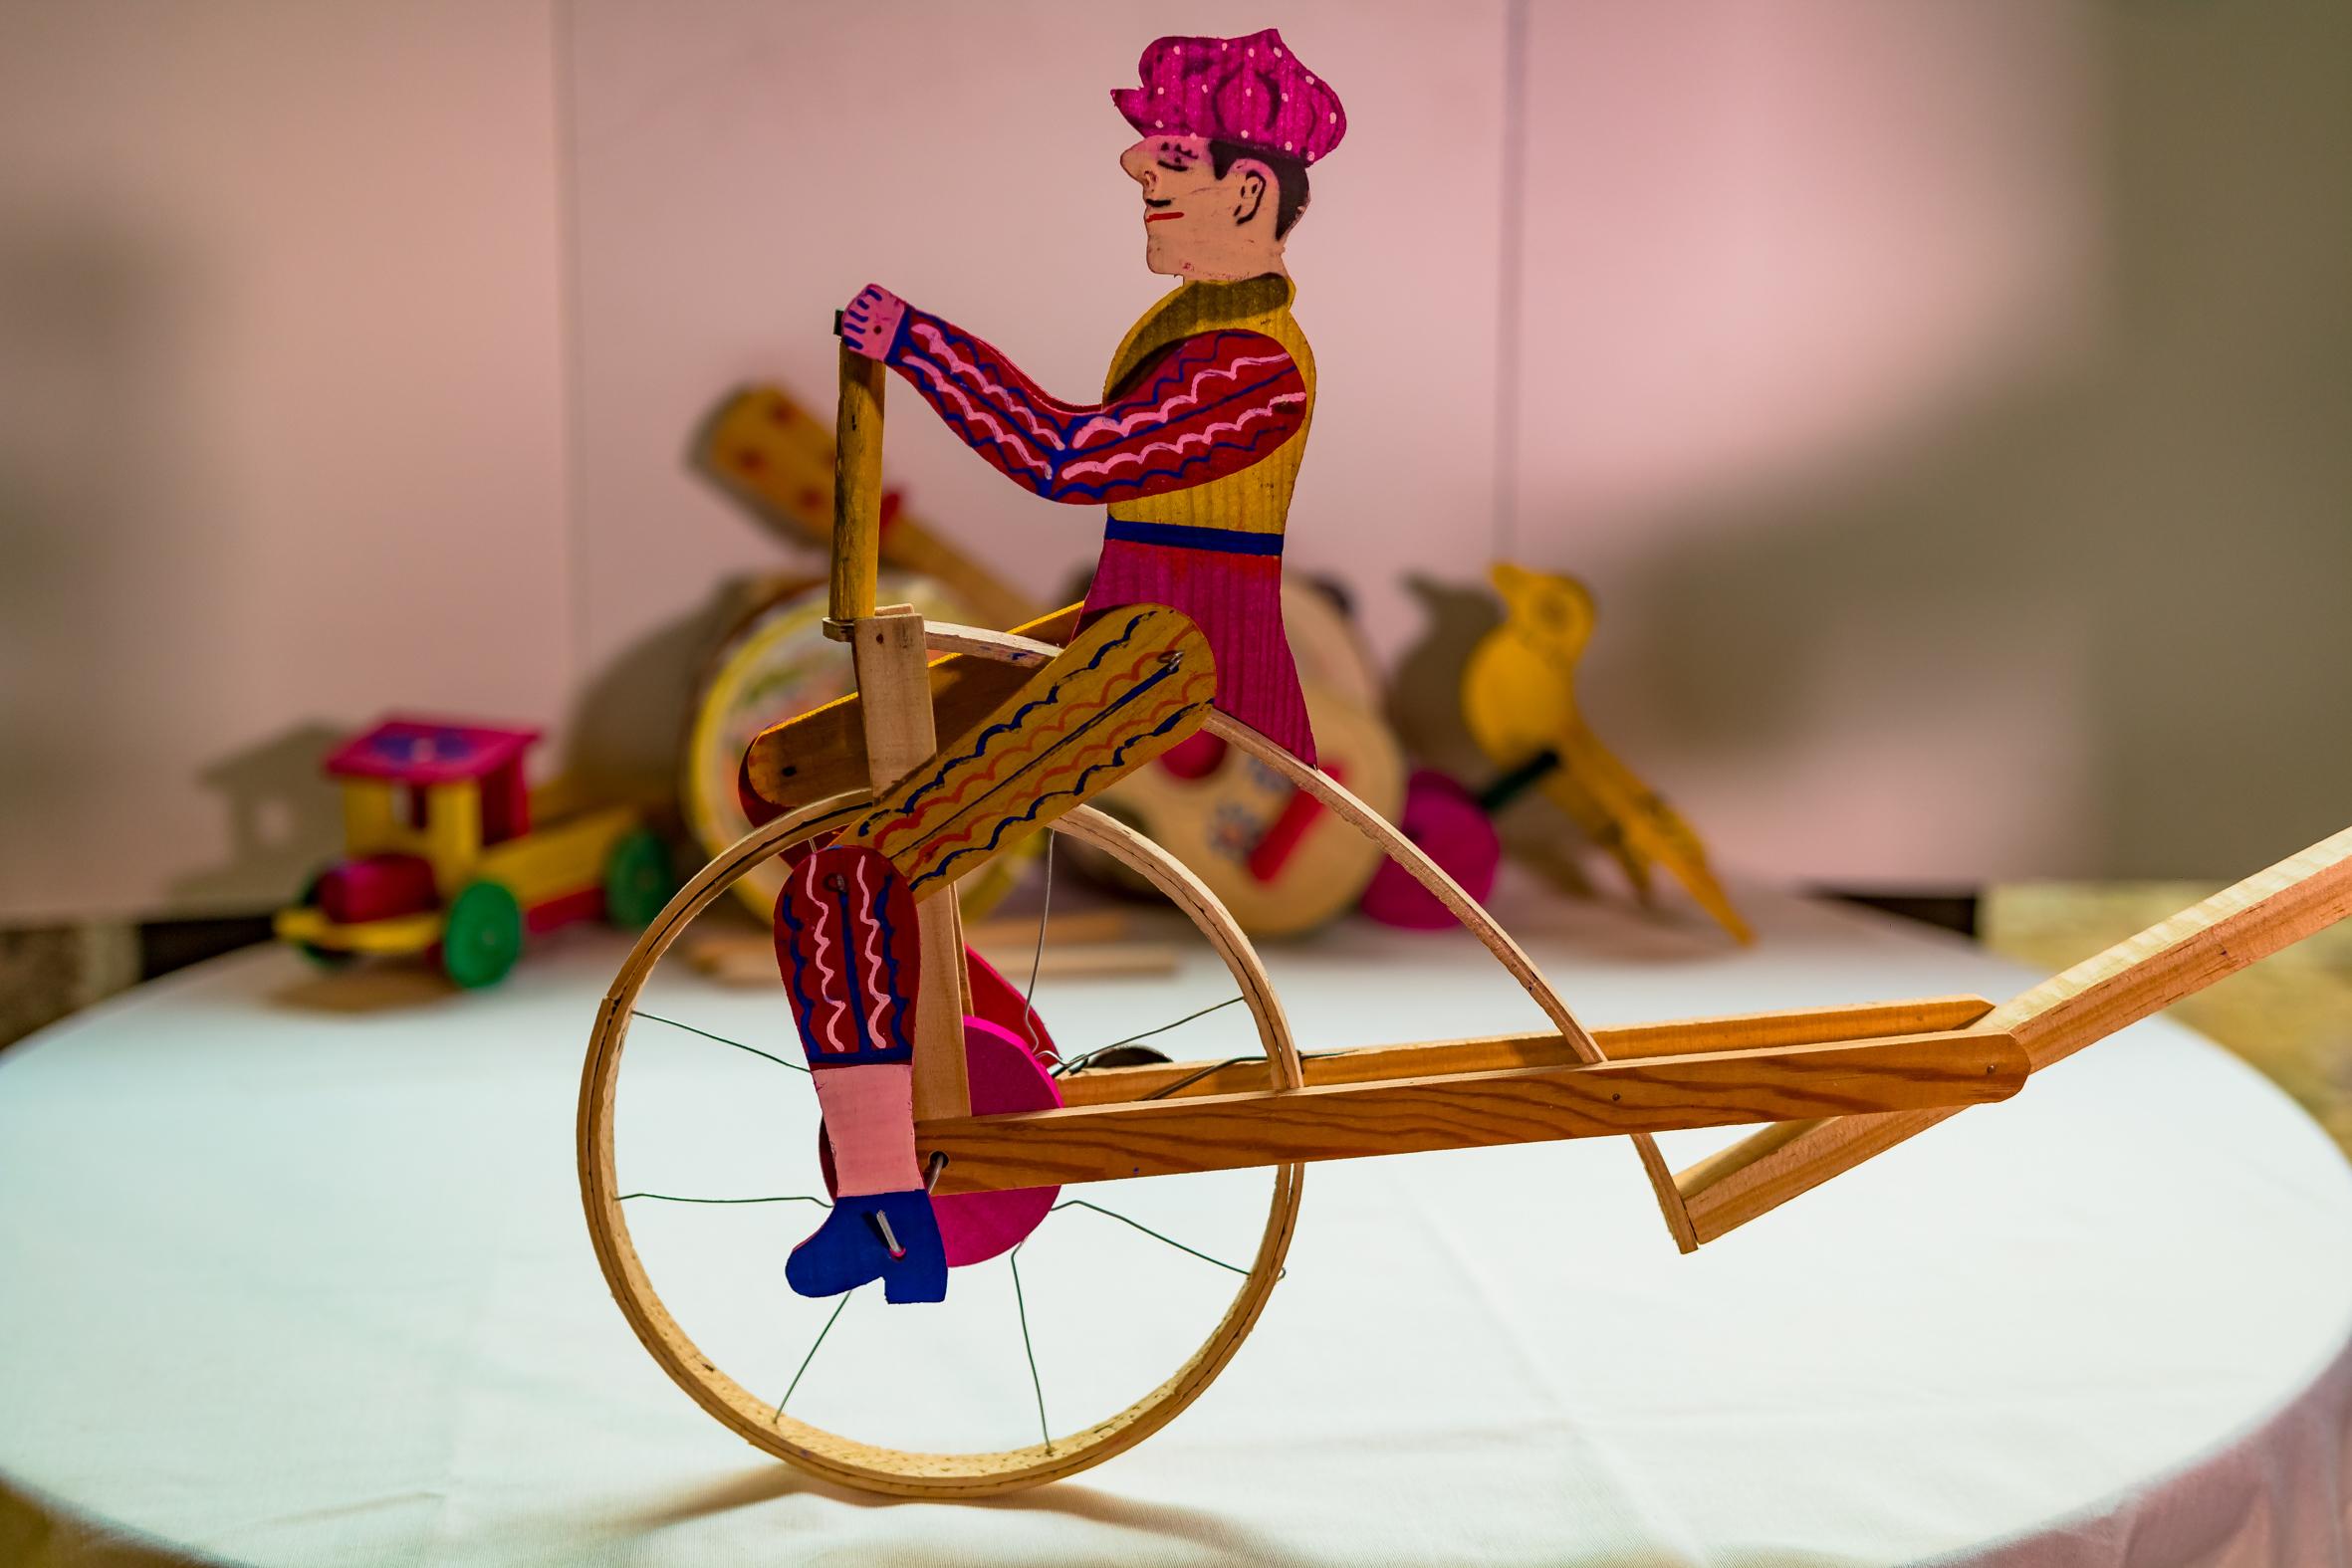 A Festa do Brinquedo em Valongo não é só para miúdos